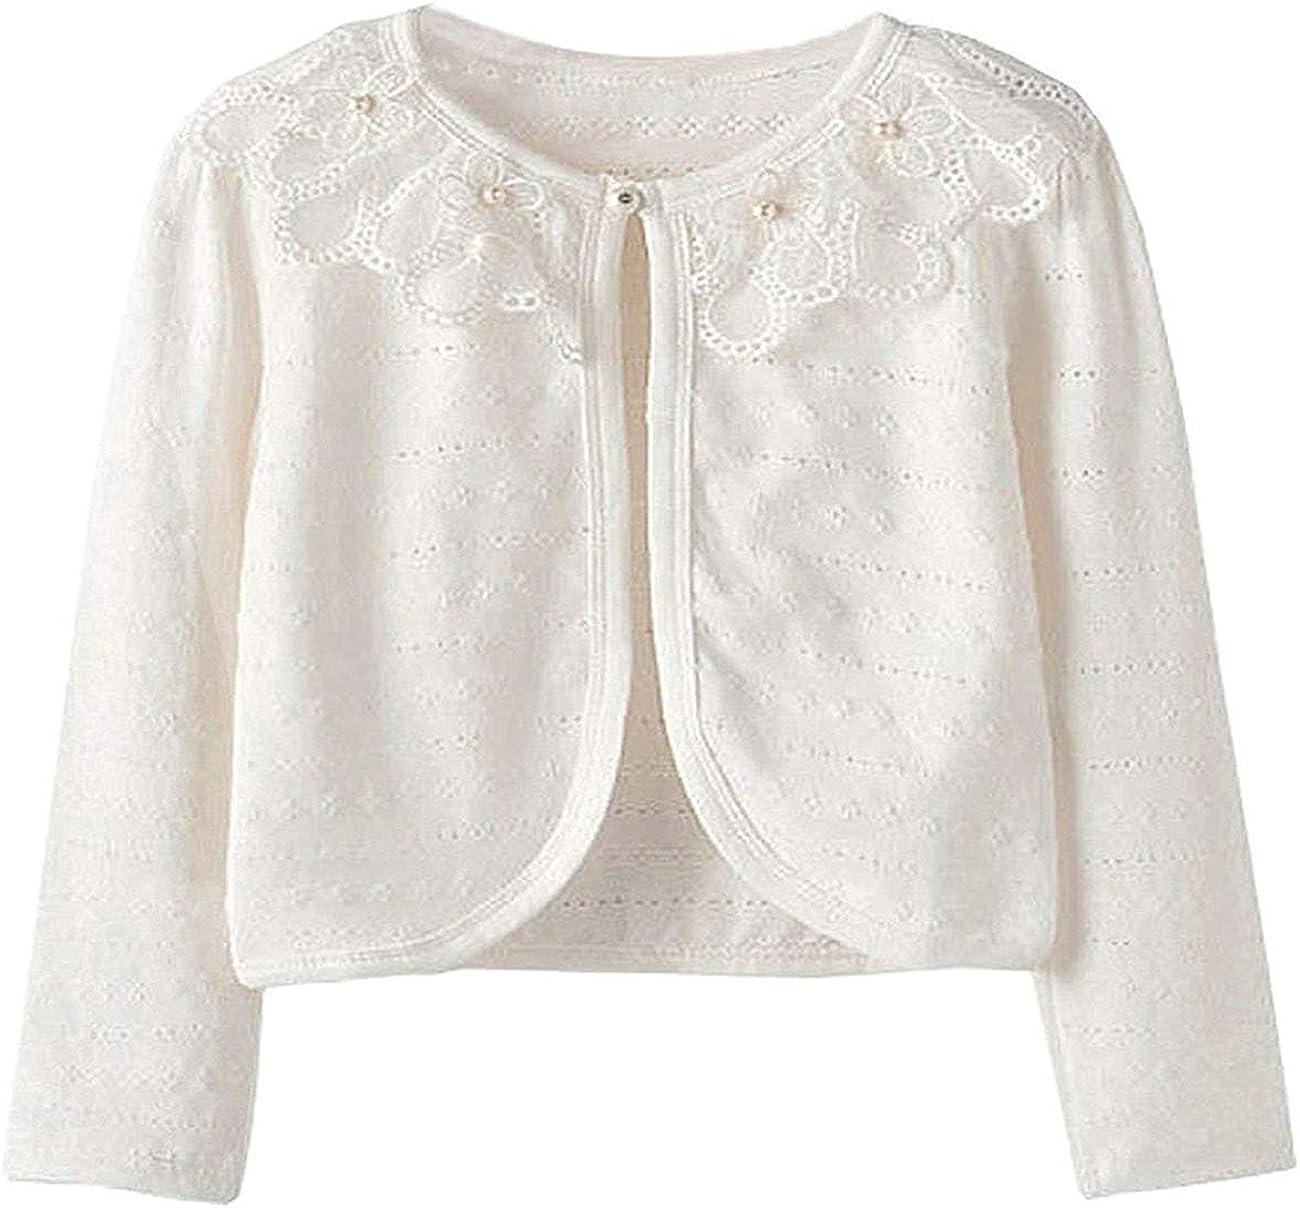 Guandiif Girls Lace Cardigans Long Sleeve Button Closure Bolero Cardigans  Shrugs Cover up Dress White Shrugs for Little Girl 105 White 8 Year(160):  Amazon.co.uk: Clothing